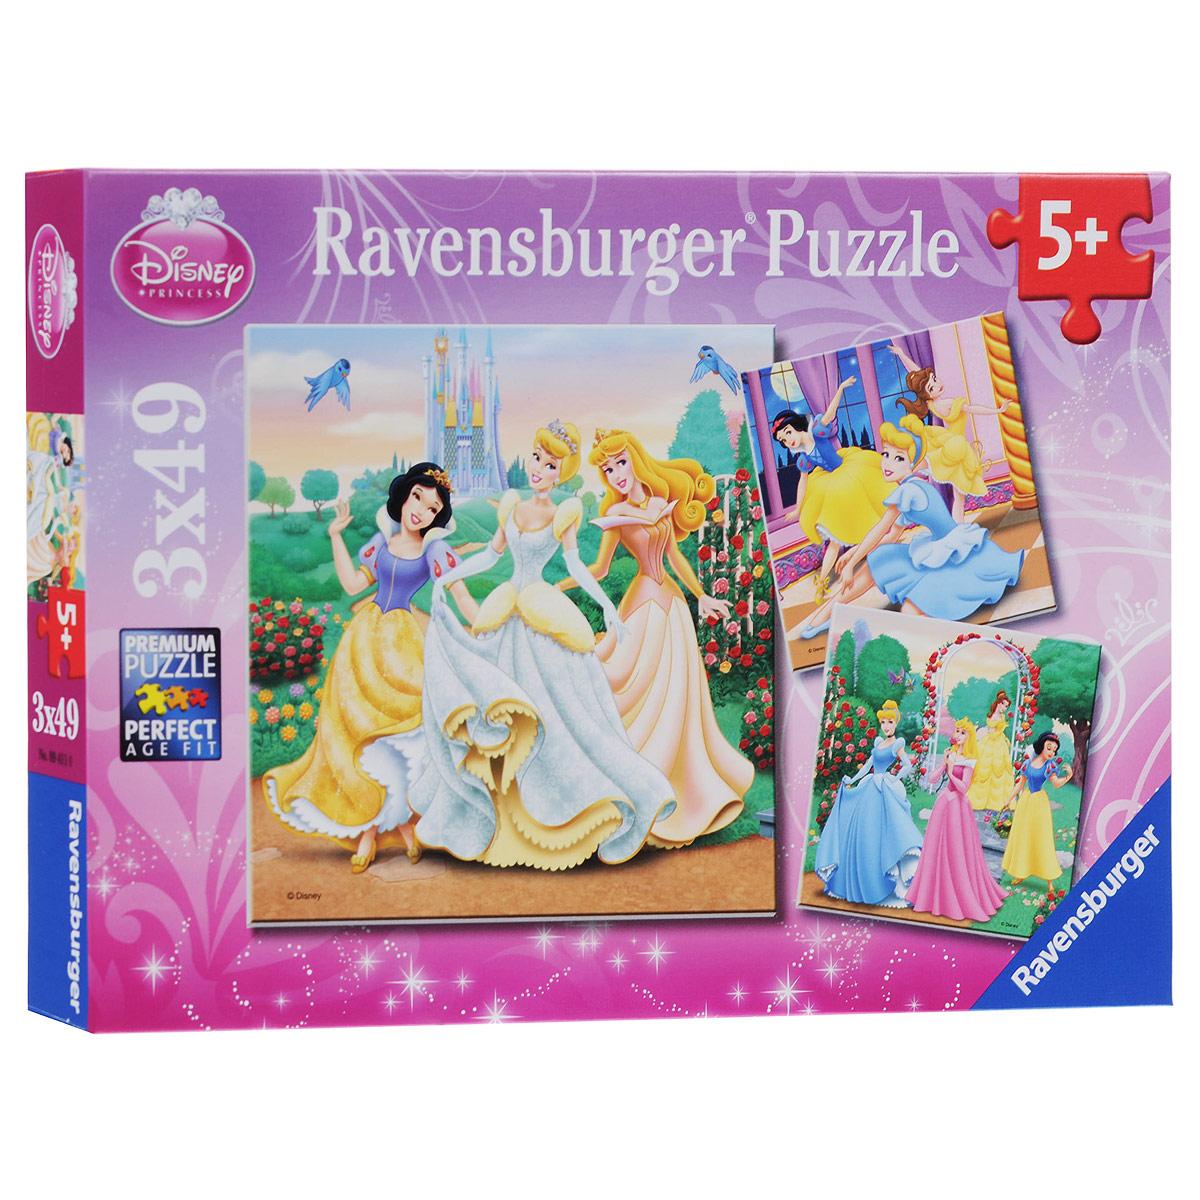 Ravensburger Прекрасные принцессы. Пазл, 3 х 49 элементов09411Пазл Ravensburger Прекрасные принцессы, без сомнения, придется по душе вам и вашему малышу. В набор входят три замечательных пазла по 49 деталей с изображением принцесс диснеевских мультфильмов. Каждая деталь имеет свою форму и подходит только на своё место. Нет двух одинаковых деталей! Пазл изготовлен из картона высочайшего качества. Все изображения аккуратно отсканированы и напечатаны на ламинированной бумаге. Пазл - великолепная игра для семейного досуга. Сегодня собирание пазлов стало особенно популярным, главным образом, благодаря своей многообразной тематике, способной удовлетворить самый взыскательный вкус. А для детей это не только интересно, но и полезно. Собирание пазла развивает мелкую моторику у ребенка, тренирует наблюдательность, логическое мышление, знакомит с окружающим миром, с цветом и разнообразными формами.